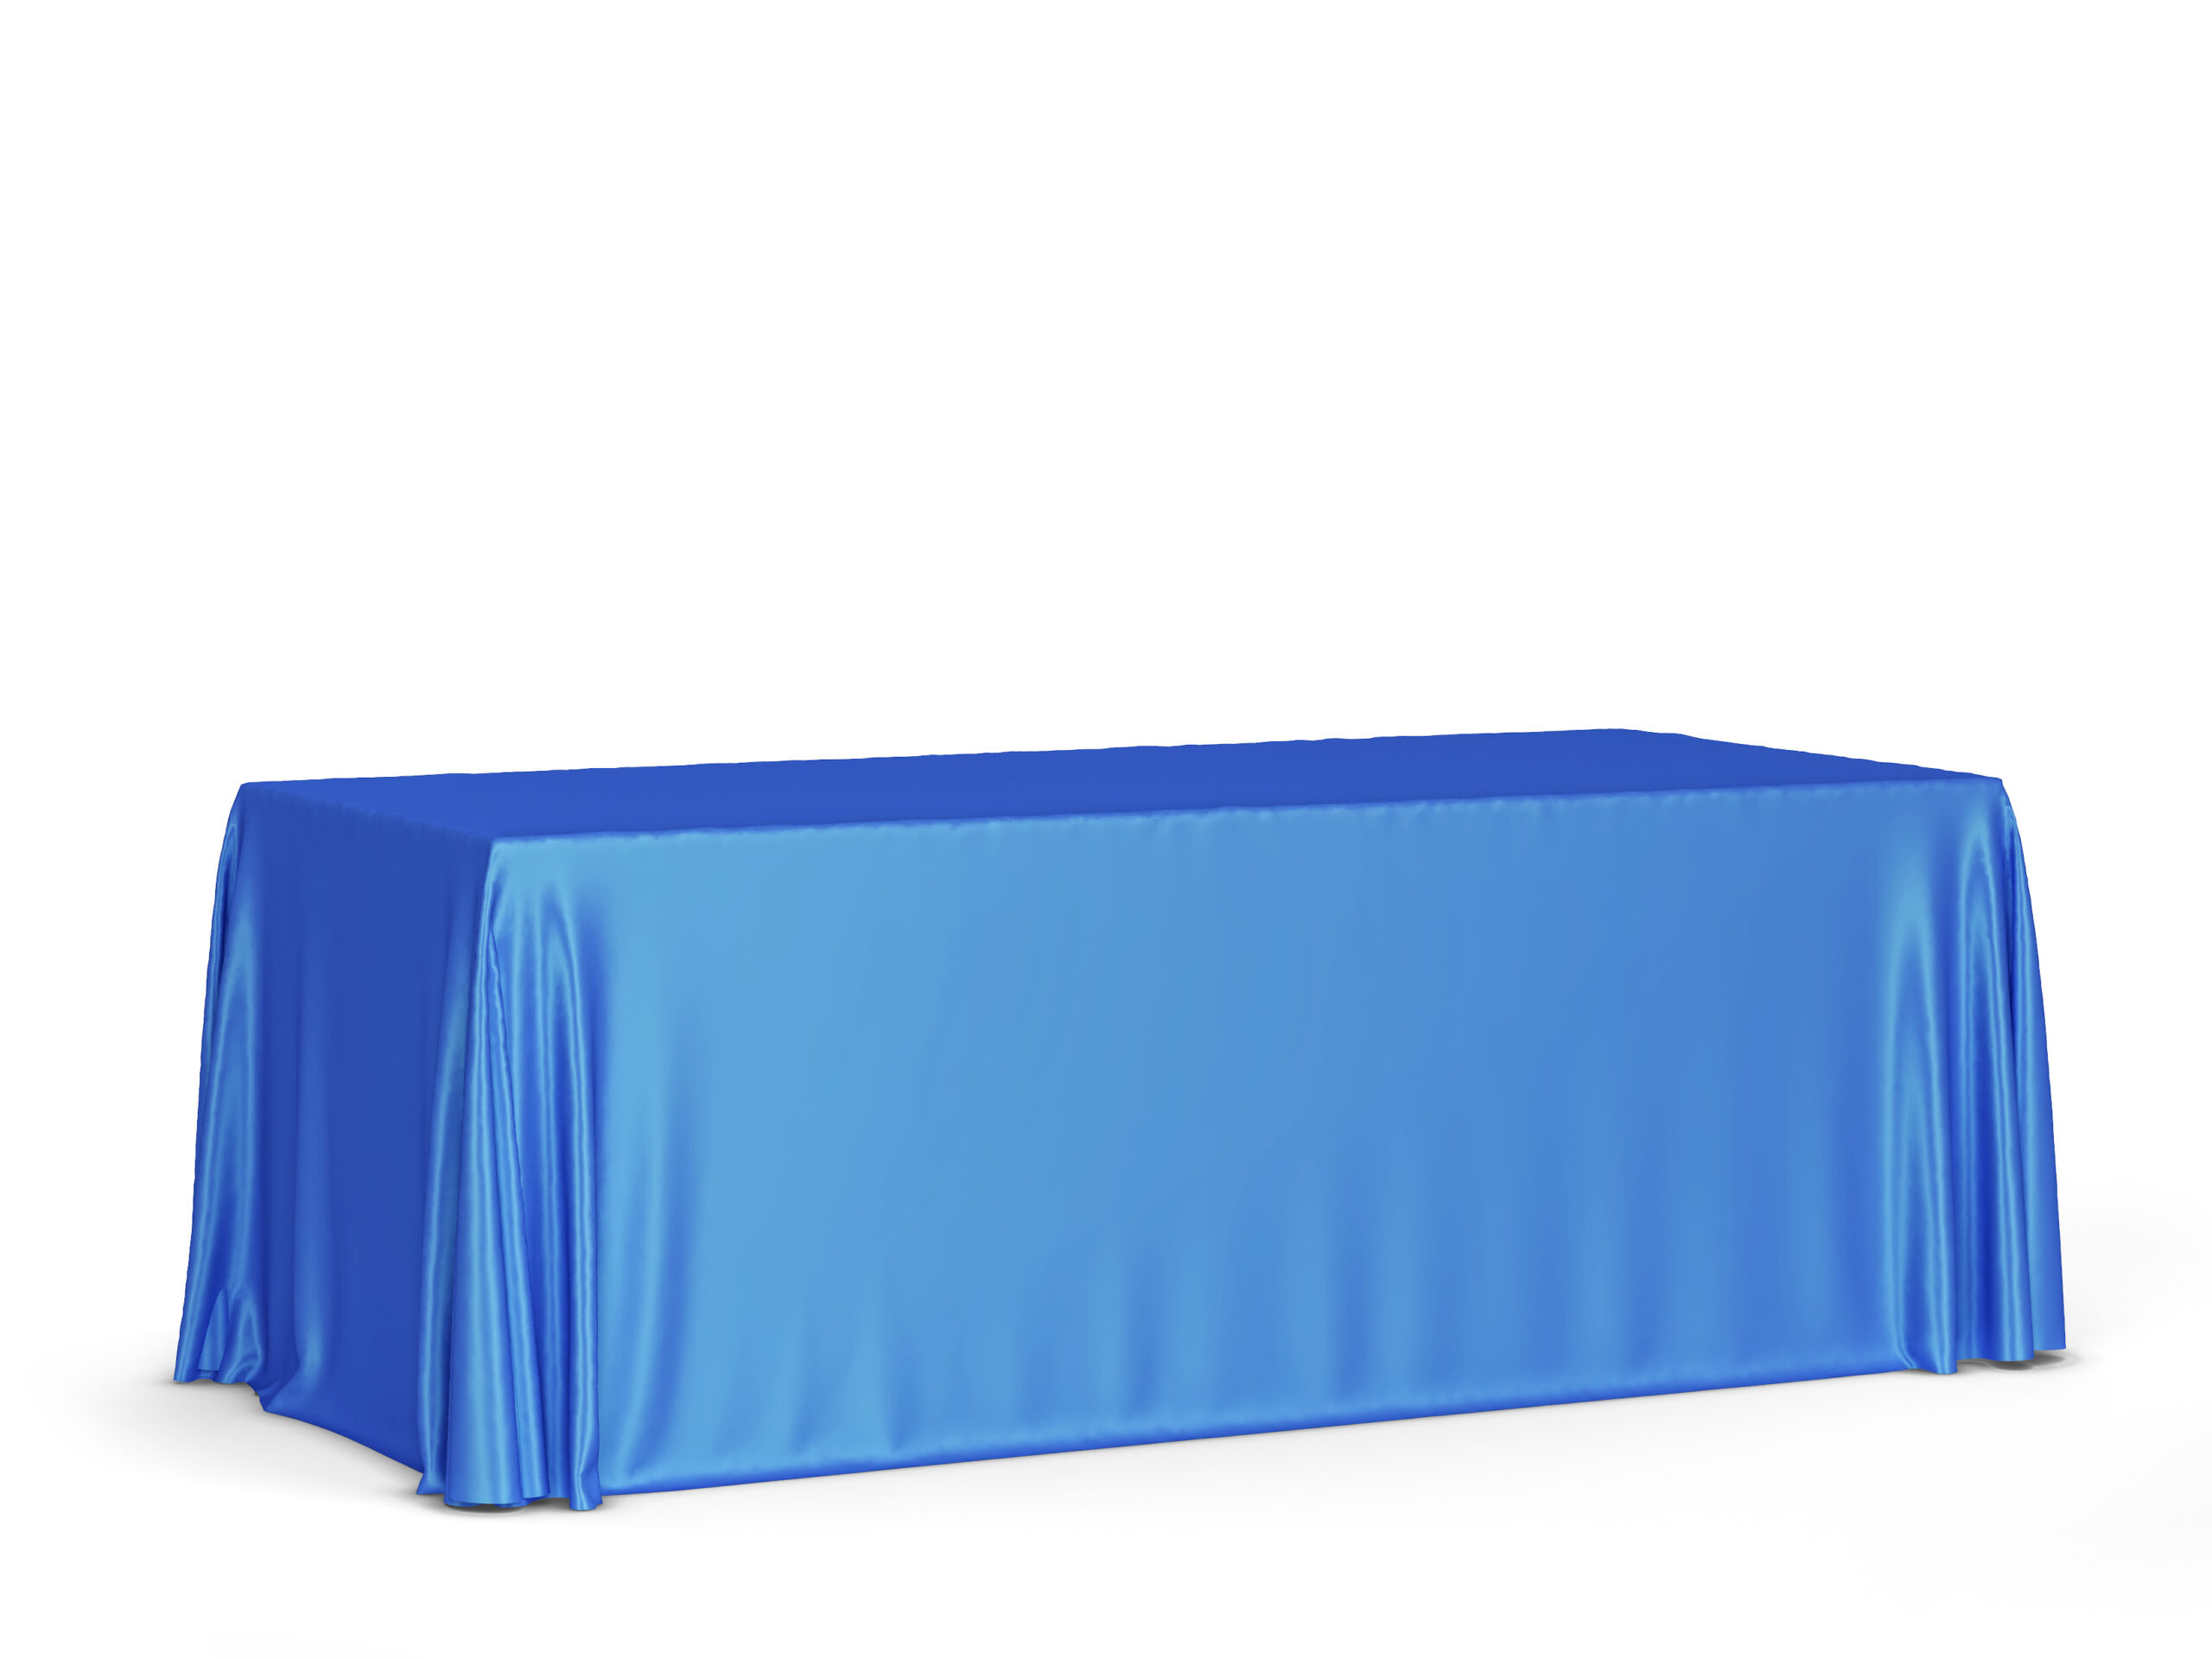 Maqueta de mantel de feria. Ilustración 3d aislado sobre fondo blanco.